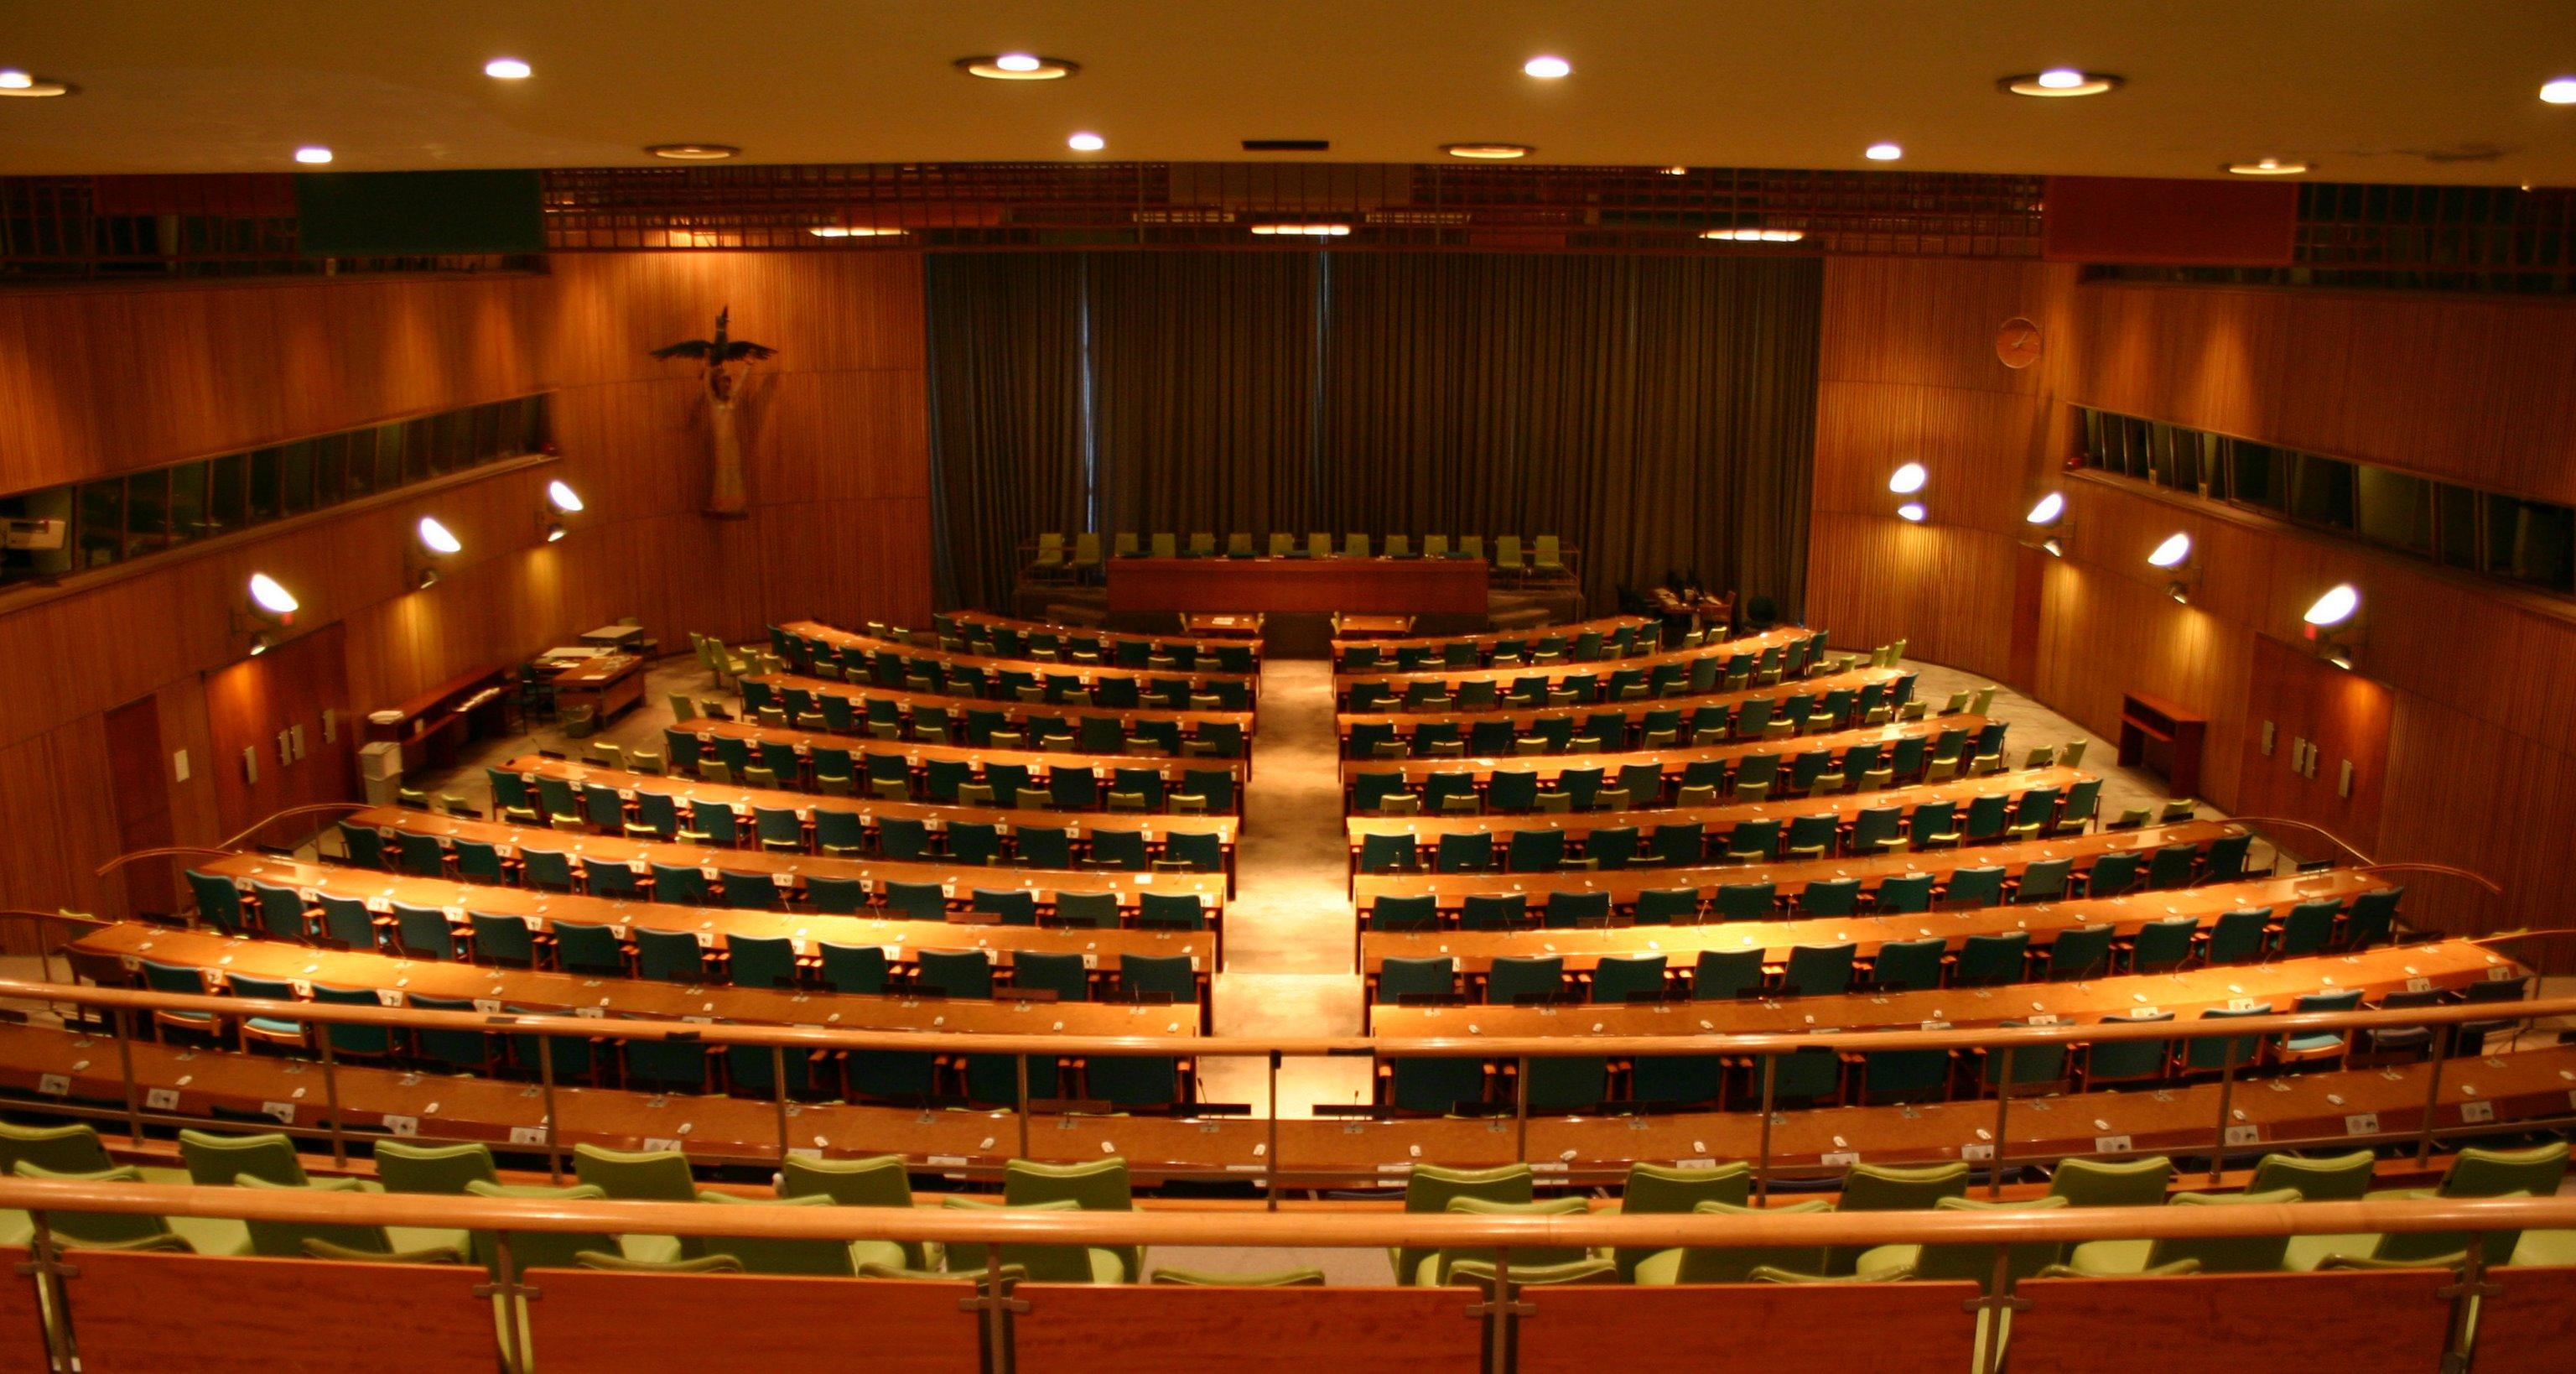 مجلس الوصاية التابع للأمم المتحدة - ويكيبيديا